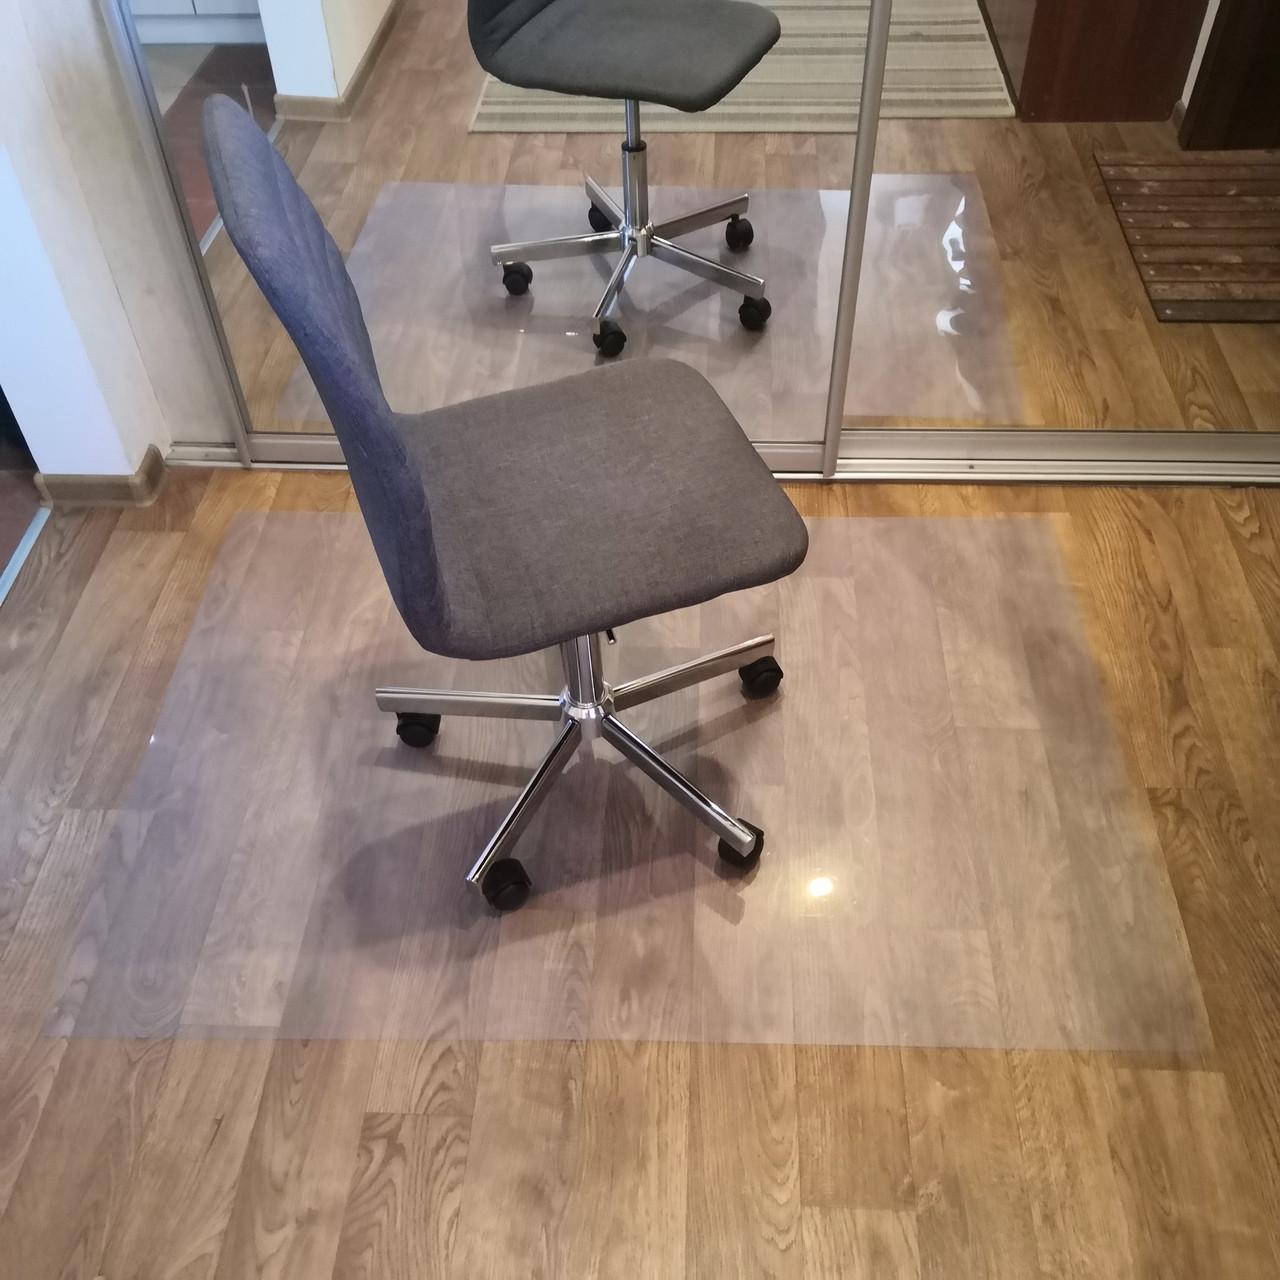 Защитный коврик под кресло 200см х 100см